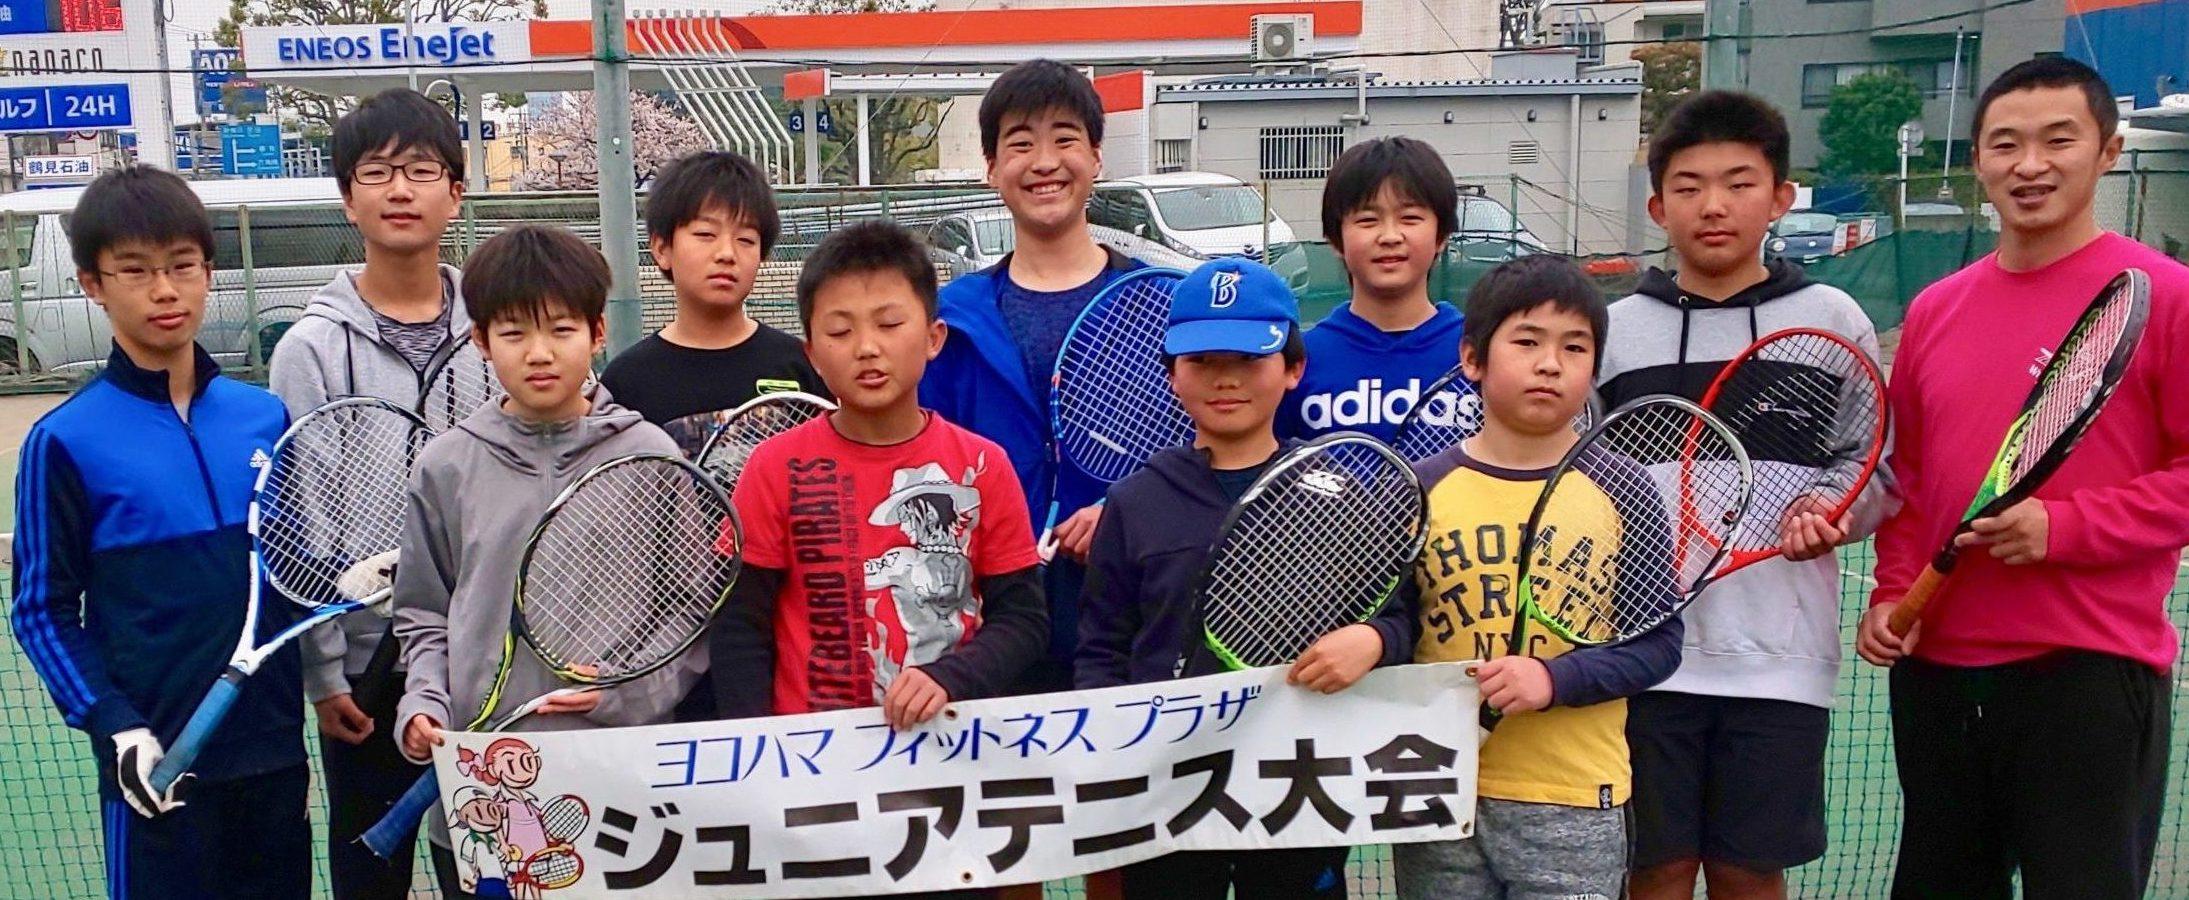 YFPジュニアテニスツアー2019最終戦〈第8戦〉